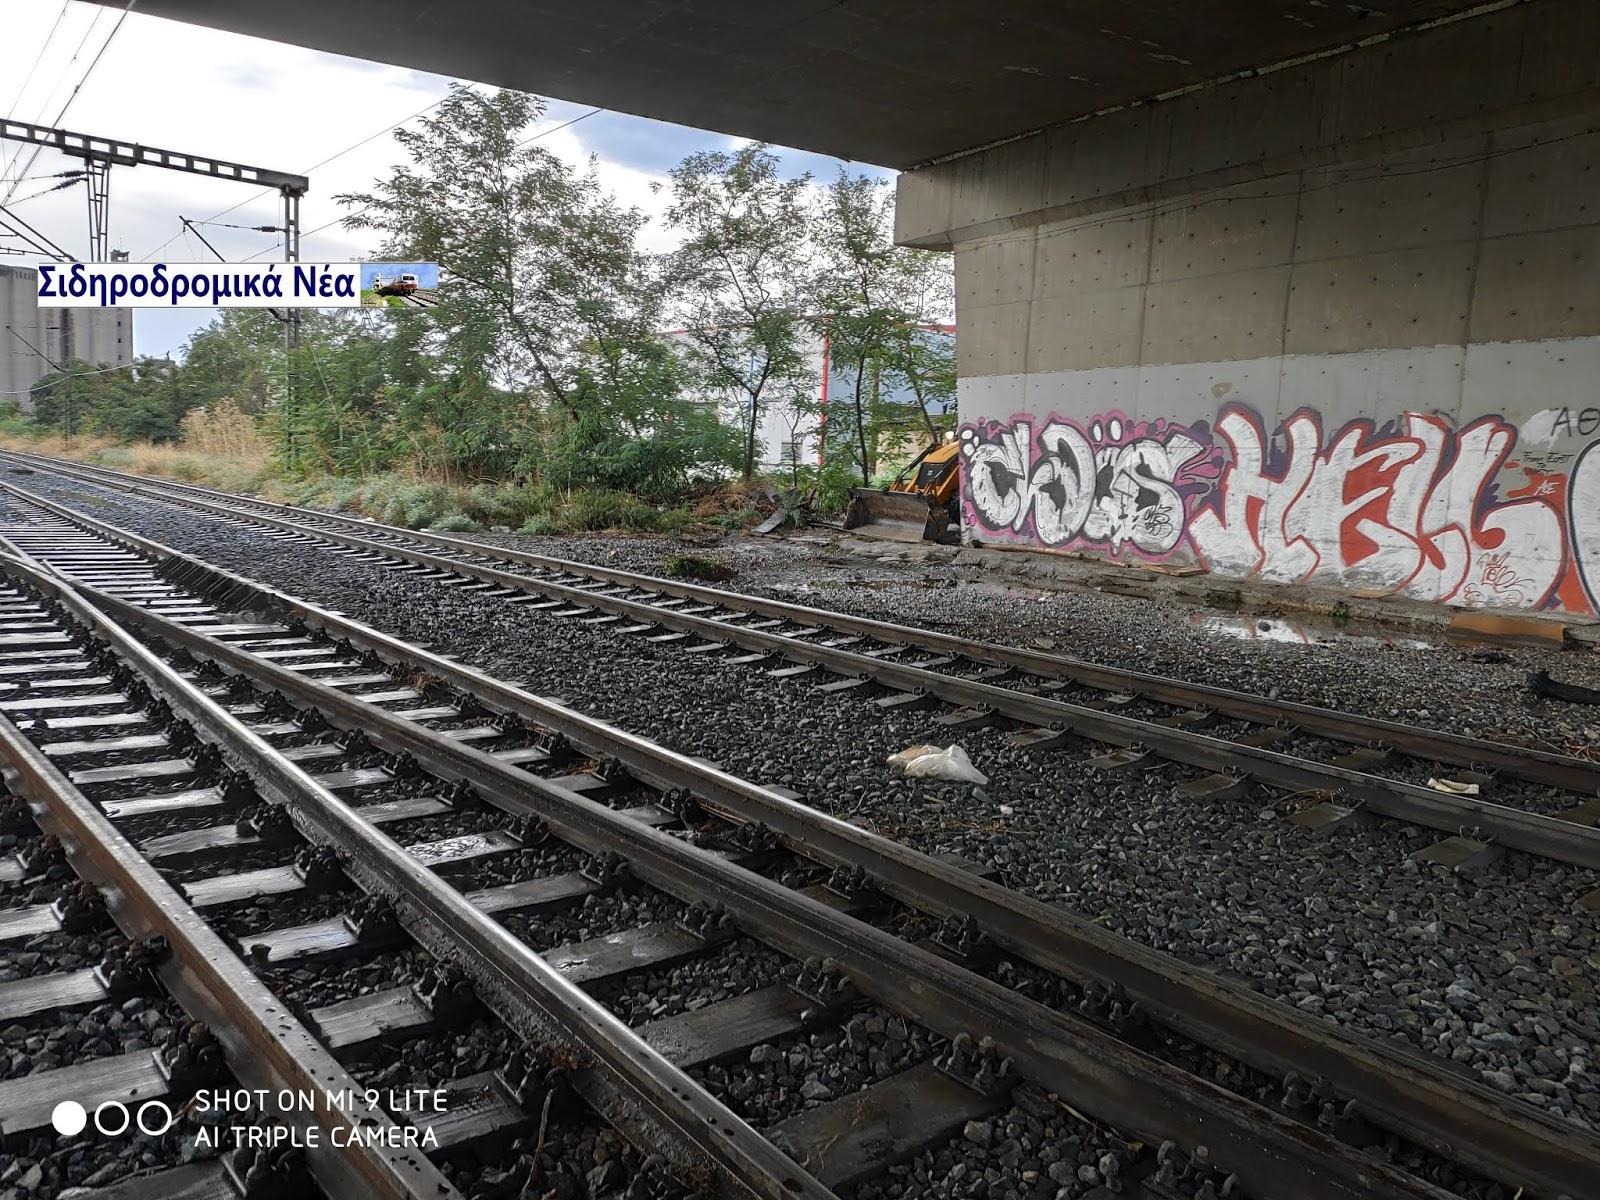 Ο Ε65 και τα νέα σιδηροδρομικά έργα των 3,5 δισ. ευρώ - Φωτογραφία 1